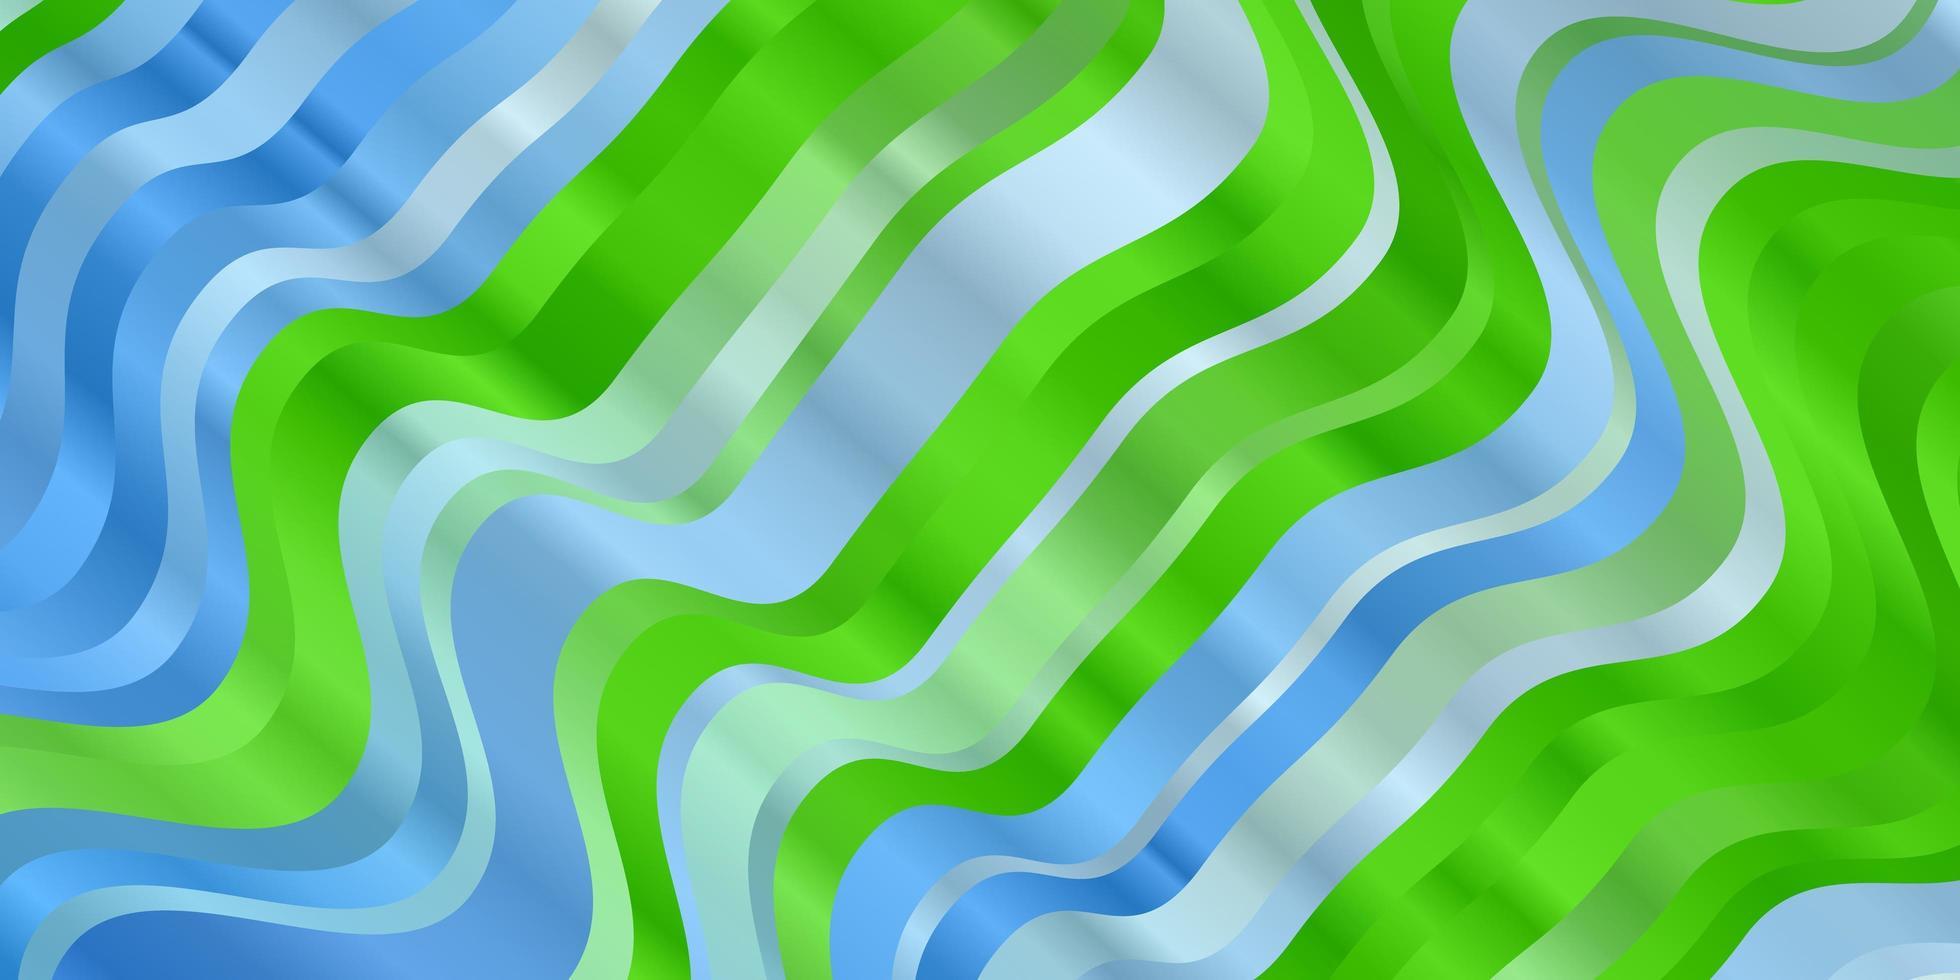 modèle vectoriel bleu clair, vert avec des lignes ironiques.